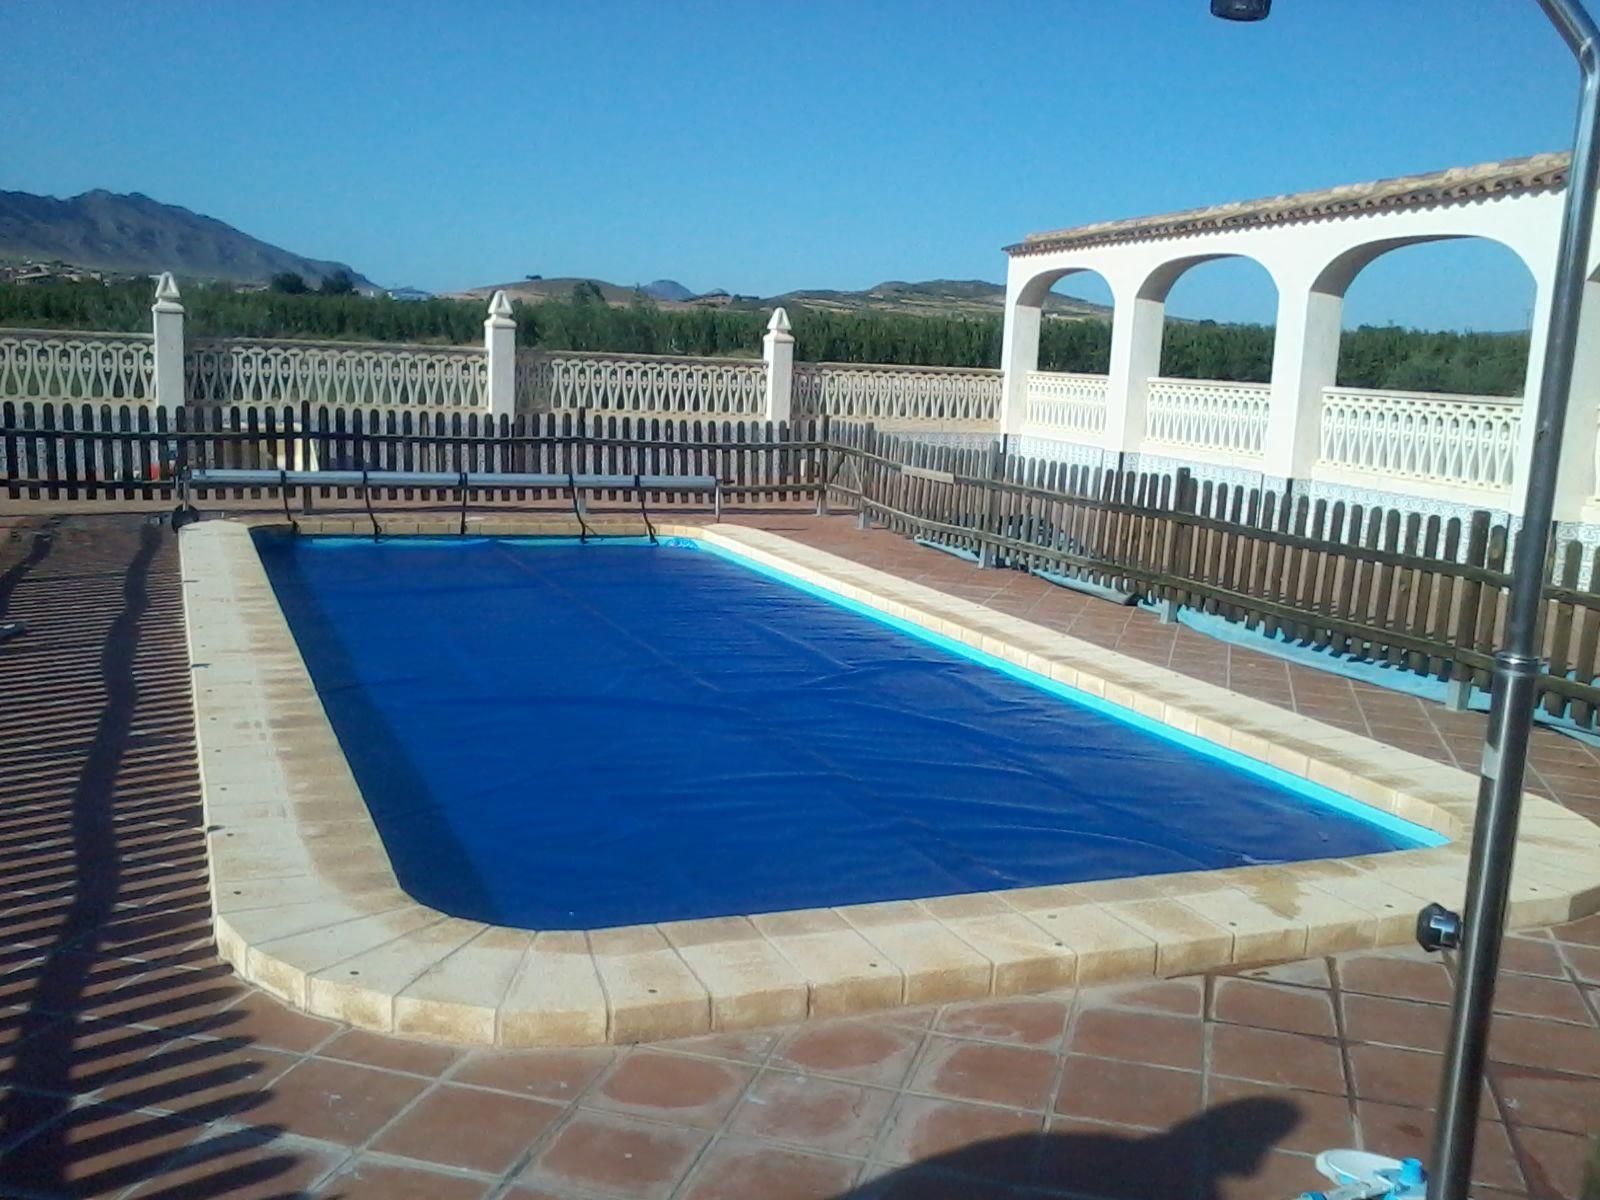 Mantas termicas de burbujas cobertores solares cubiertas de piscinas lonas de piscina se - Mantas termicas para piscinas ...